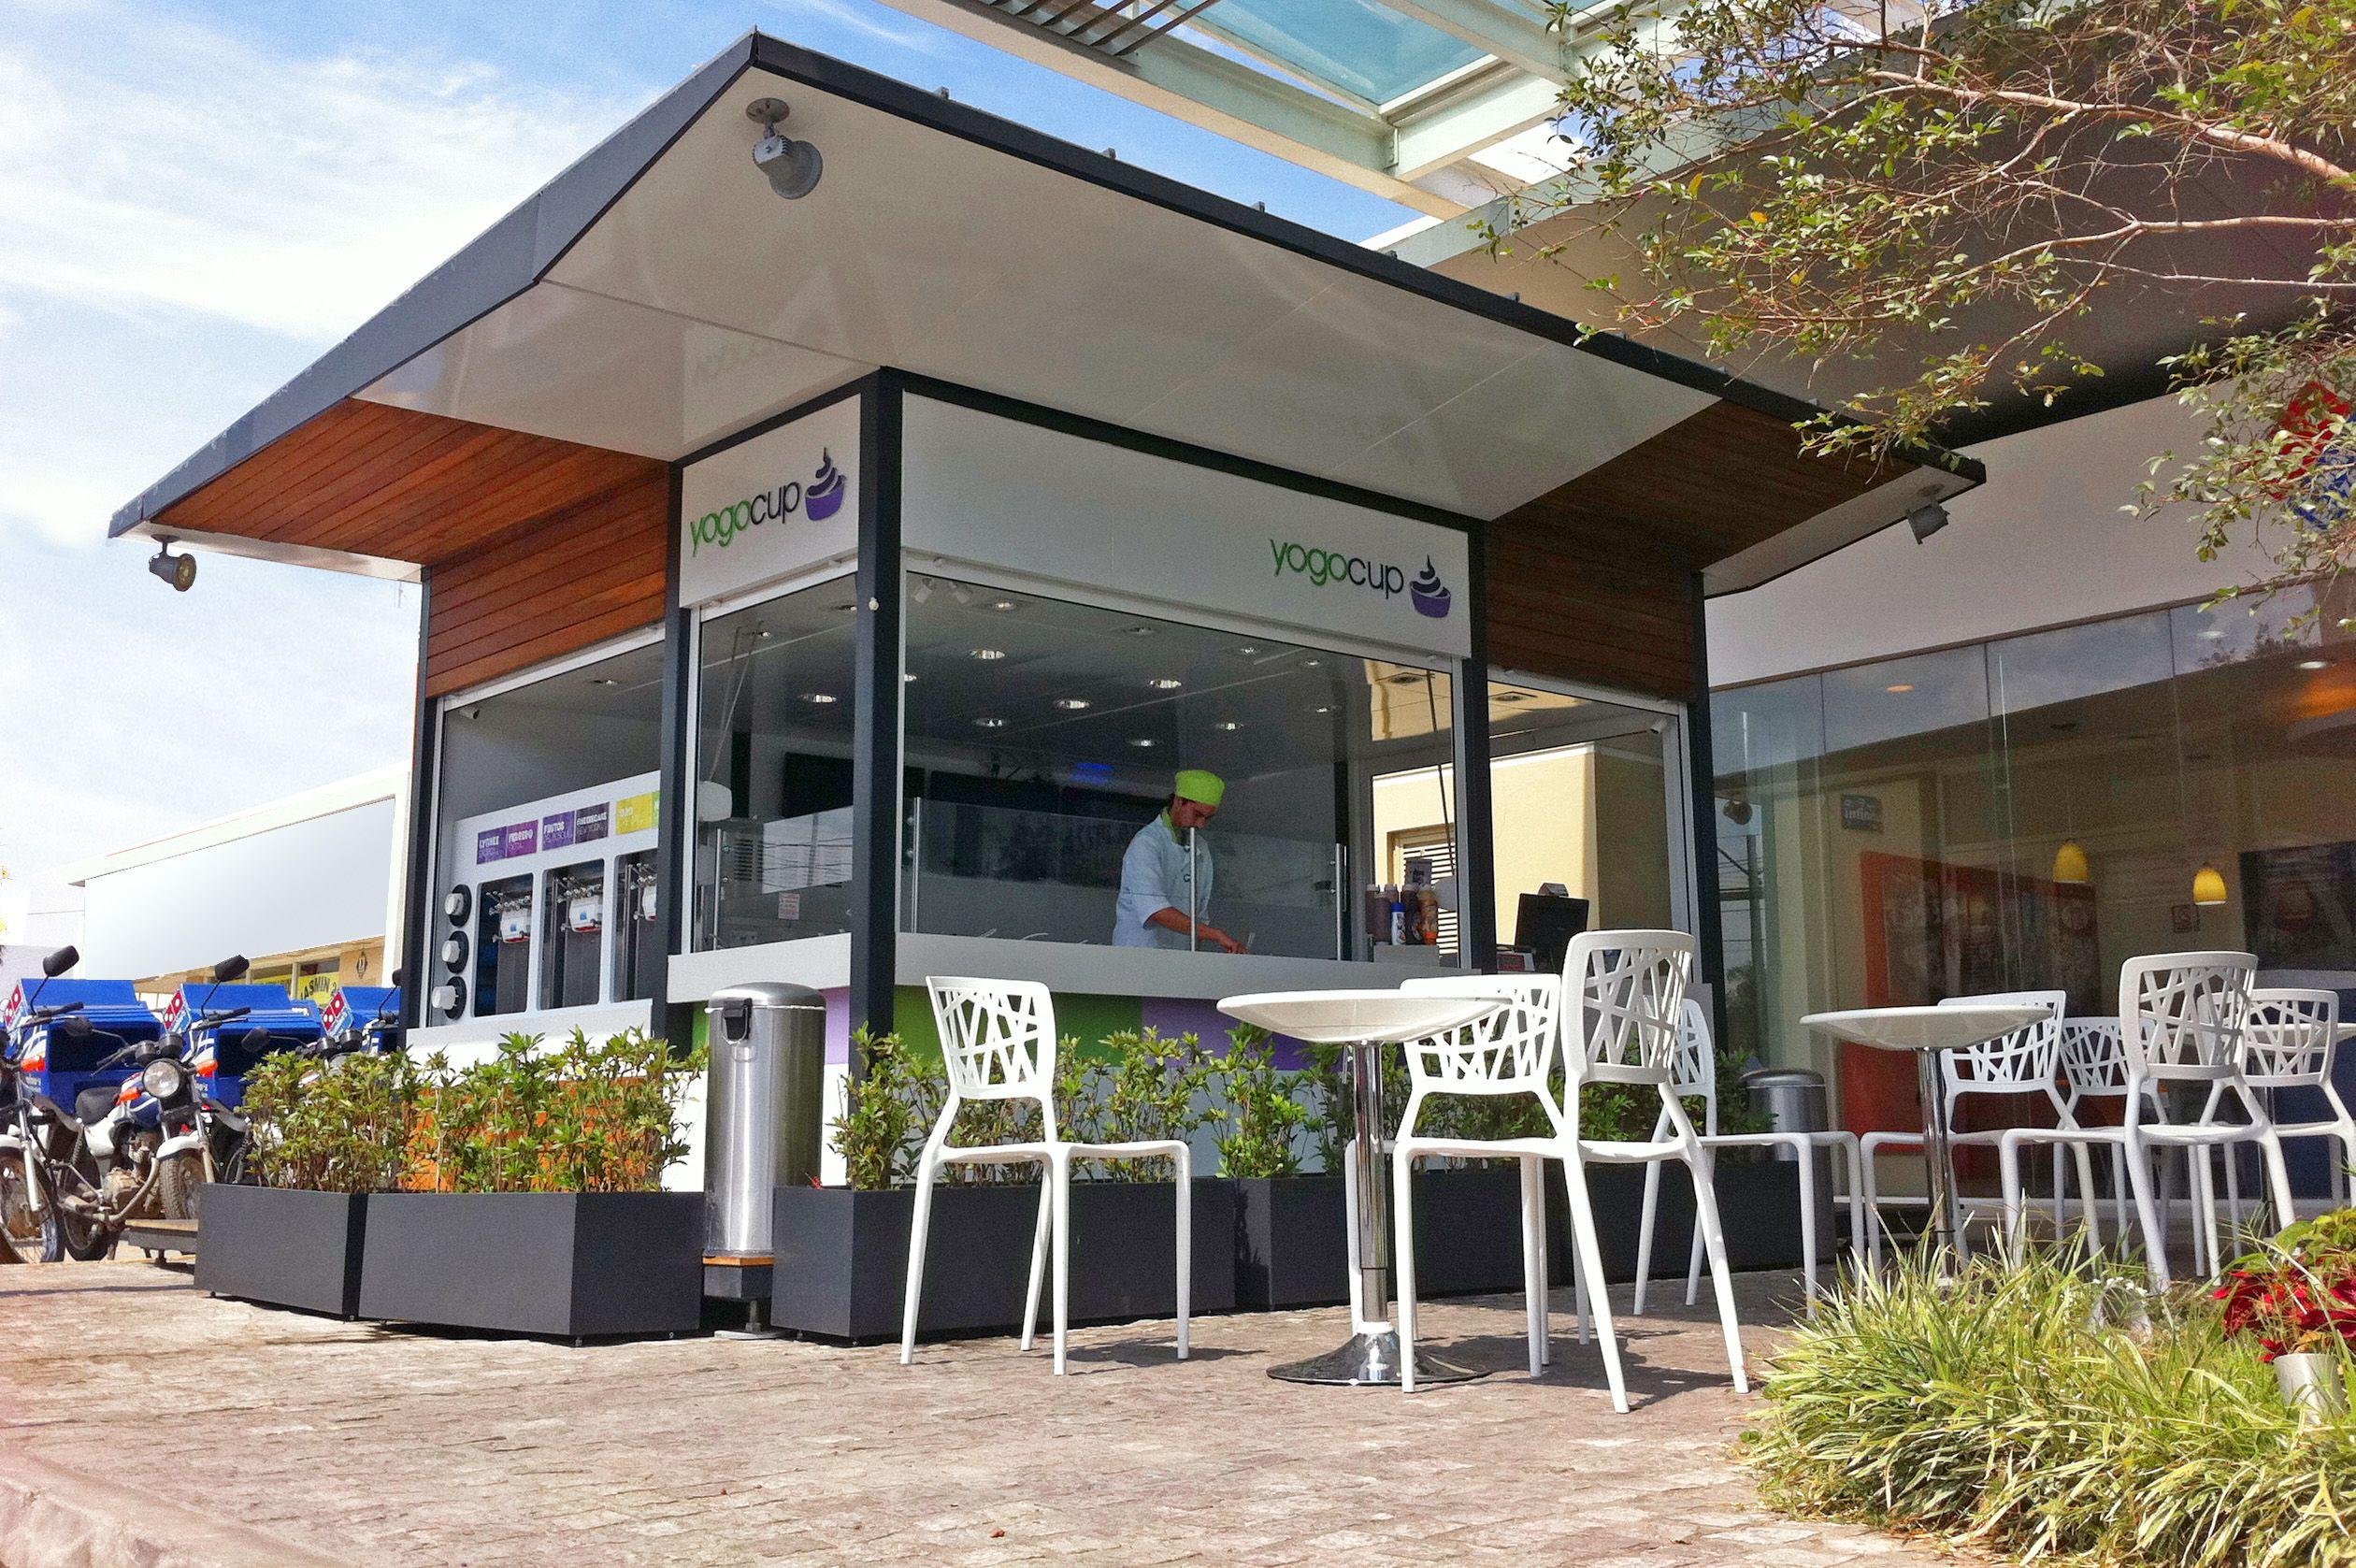 Yogocup Diseño de quiosco para plaza comercial en Zapopan